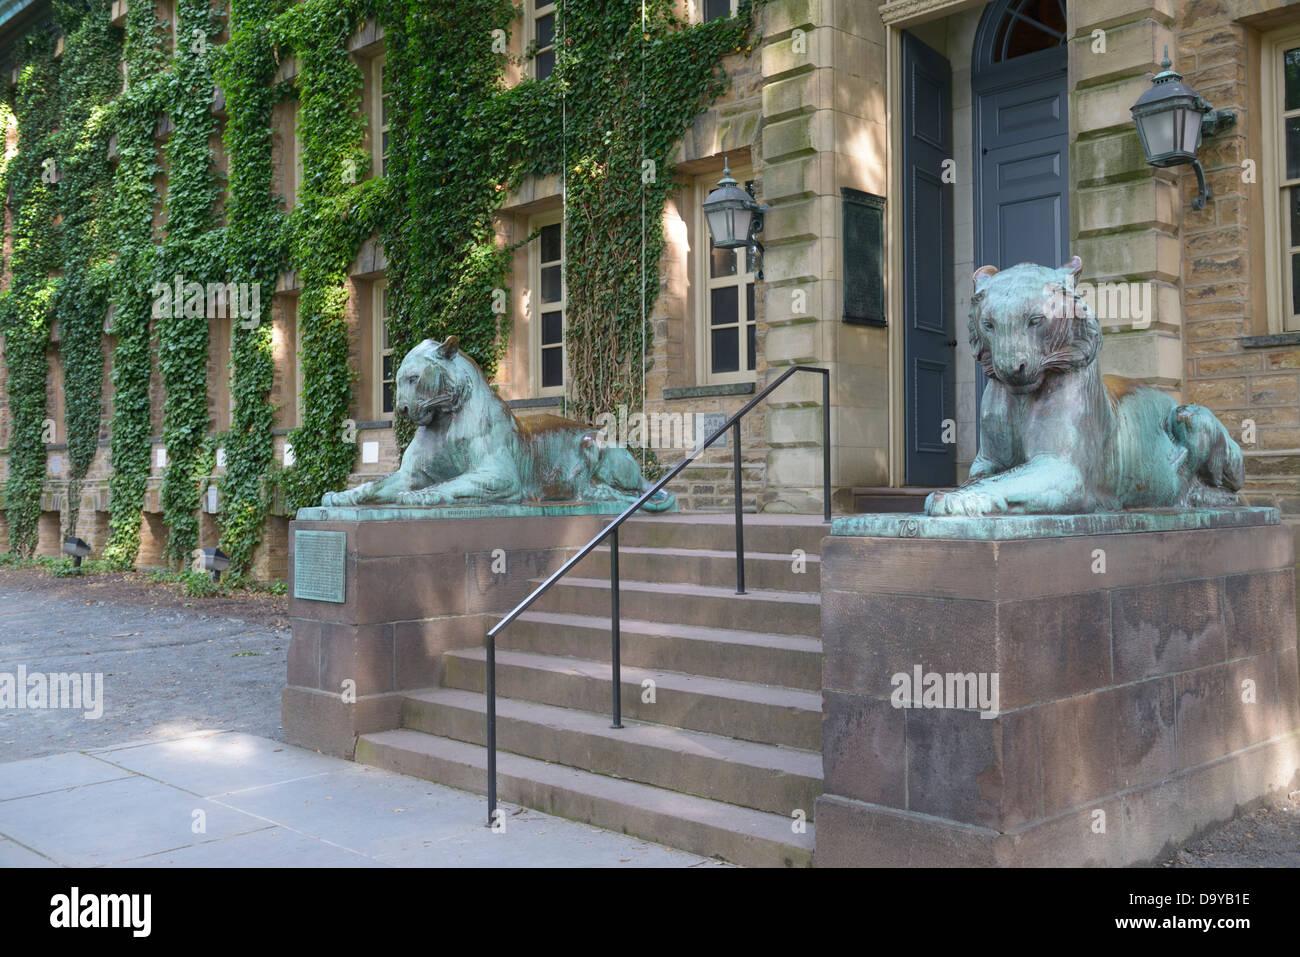 Nassau Hall con tigres de bronce, de la Universidad de Princeton Imagen De Stock